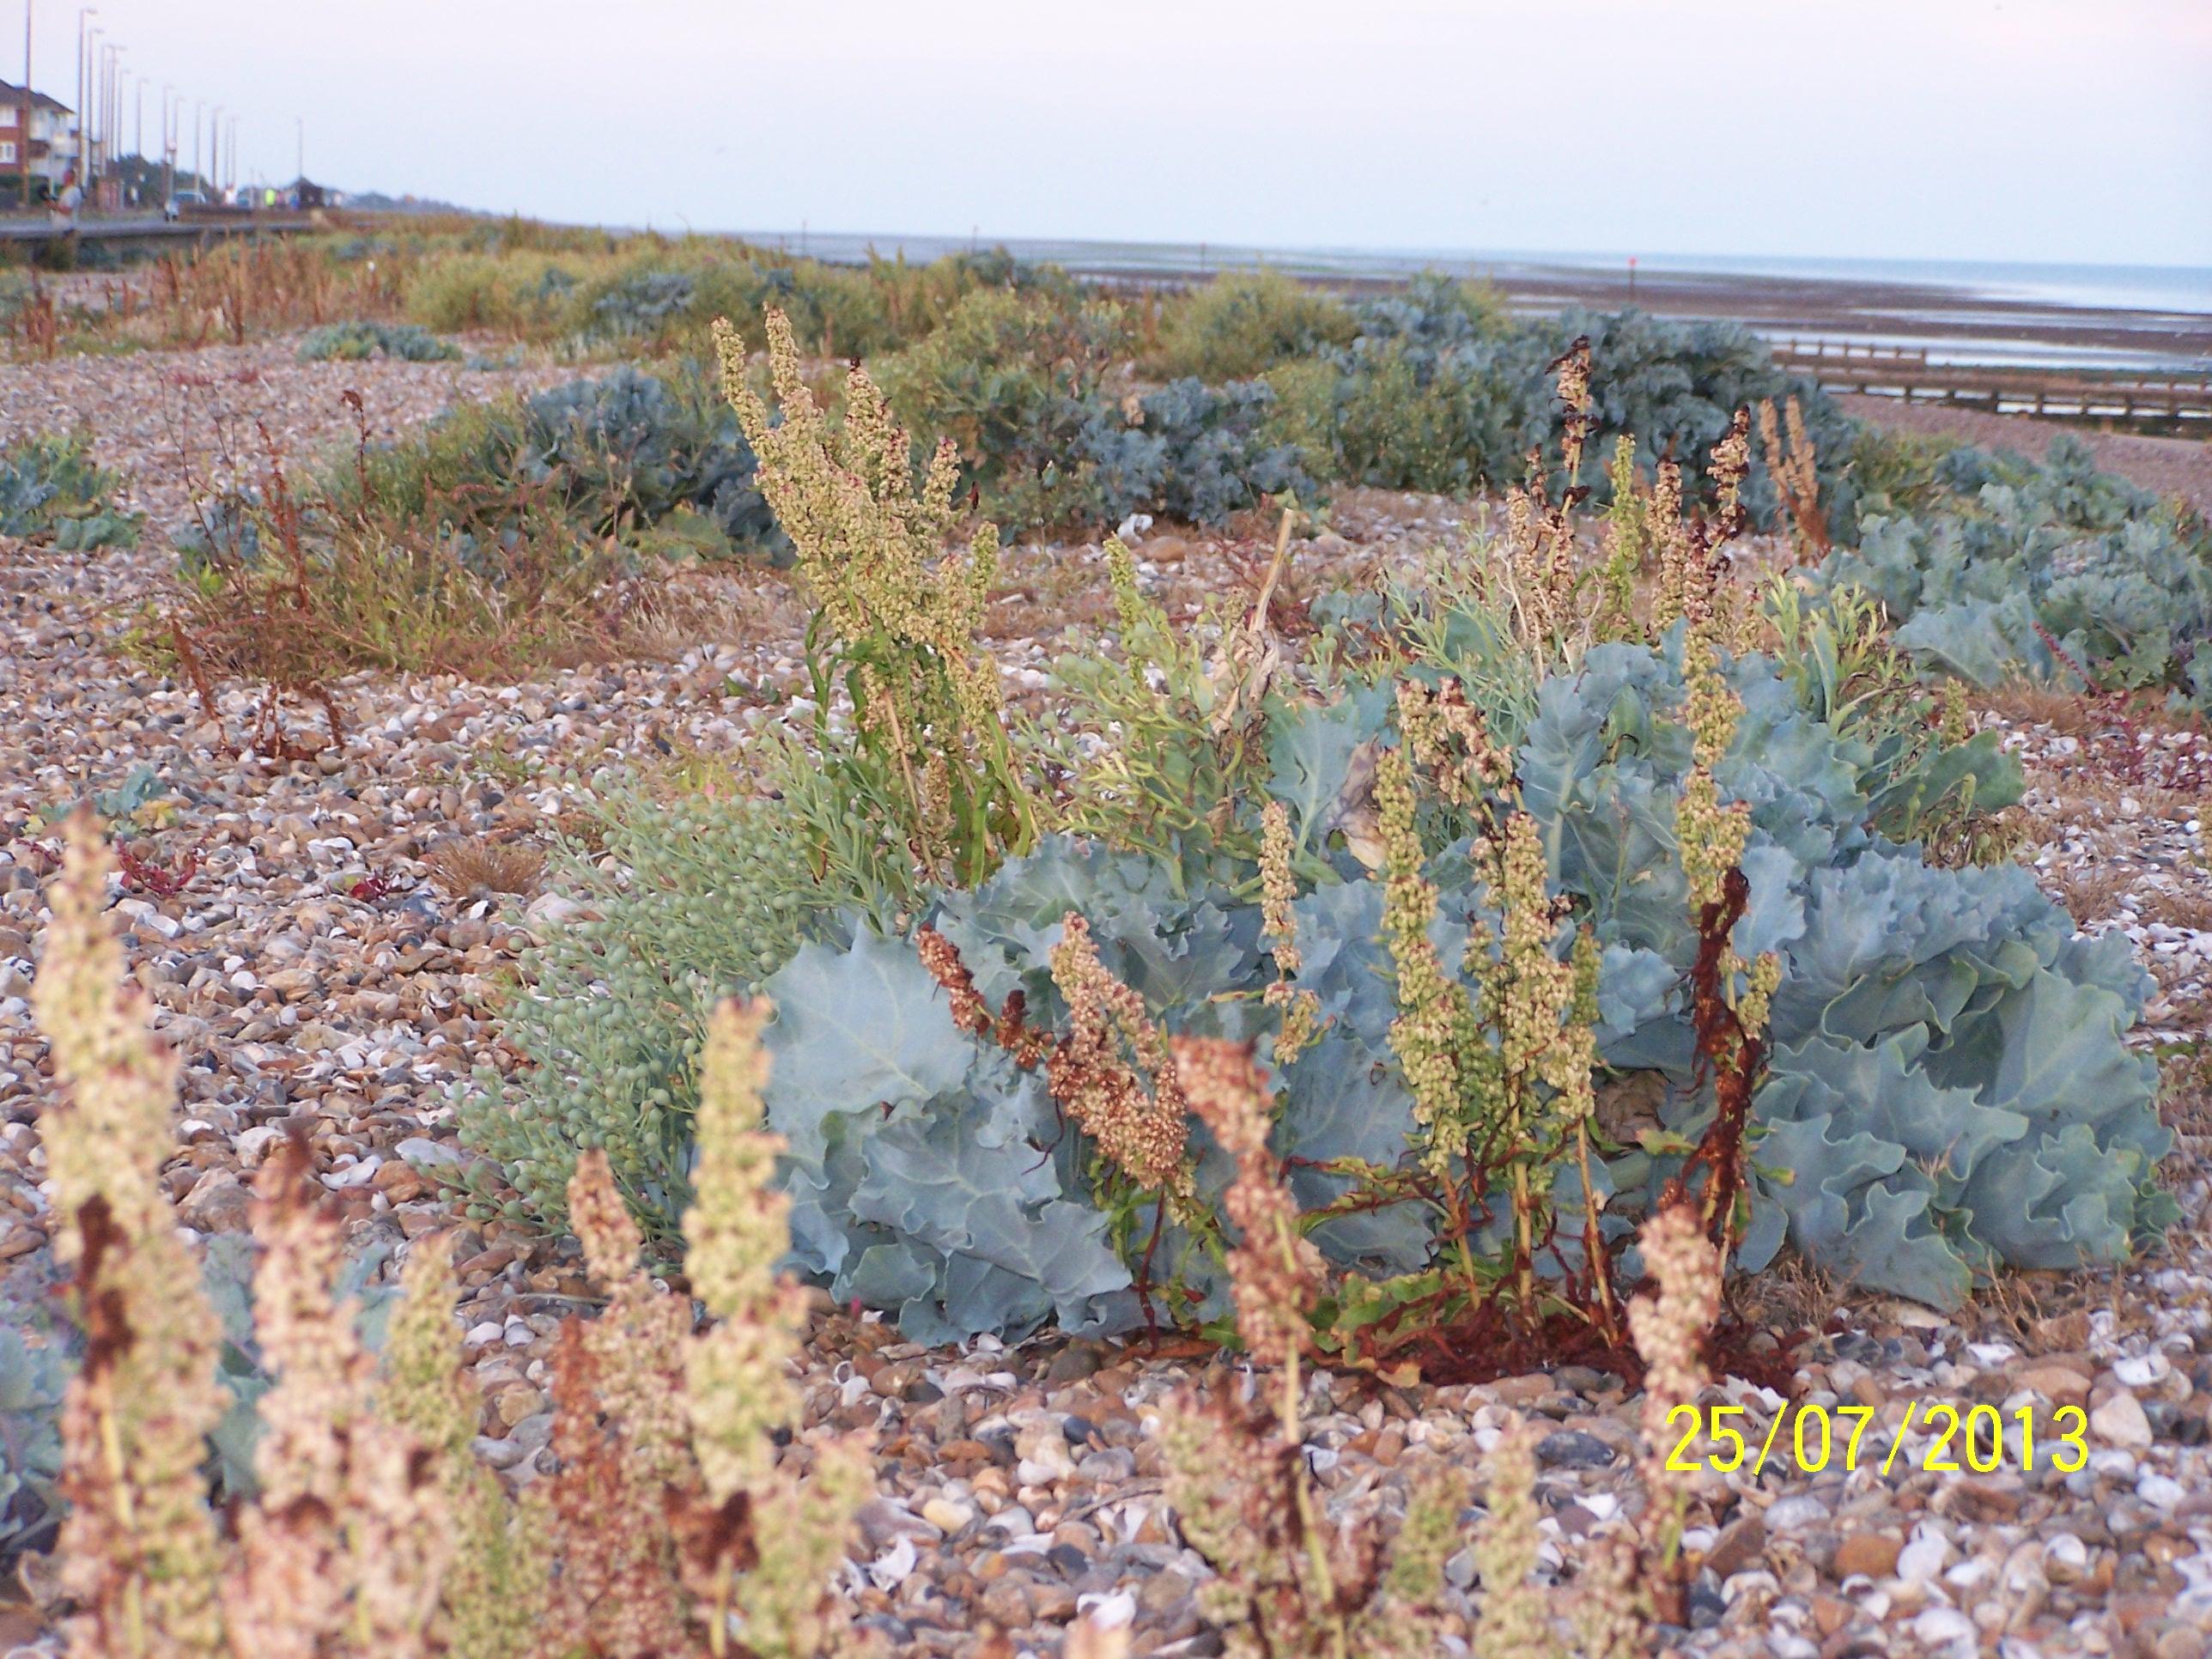 Plantain & Sea Kale on L'ton beach